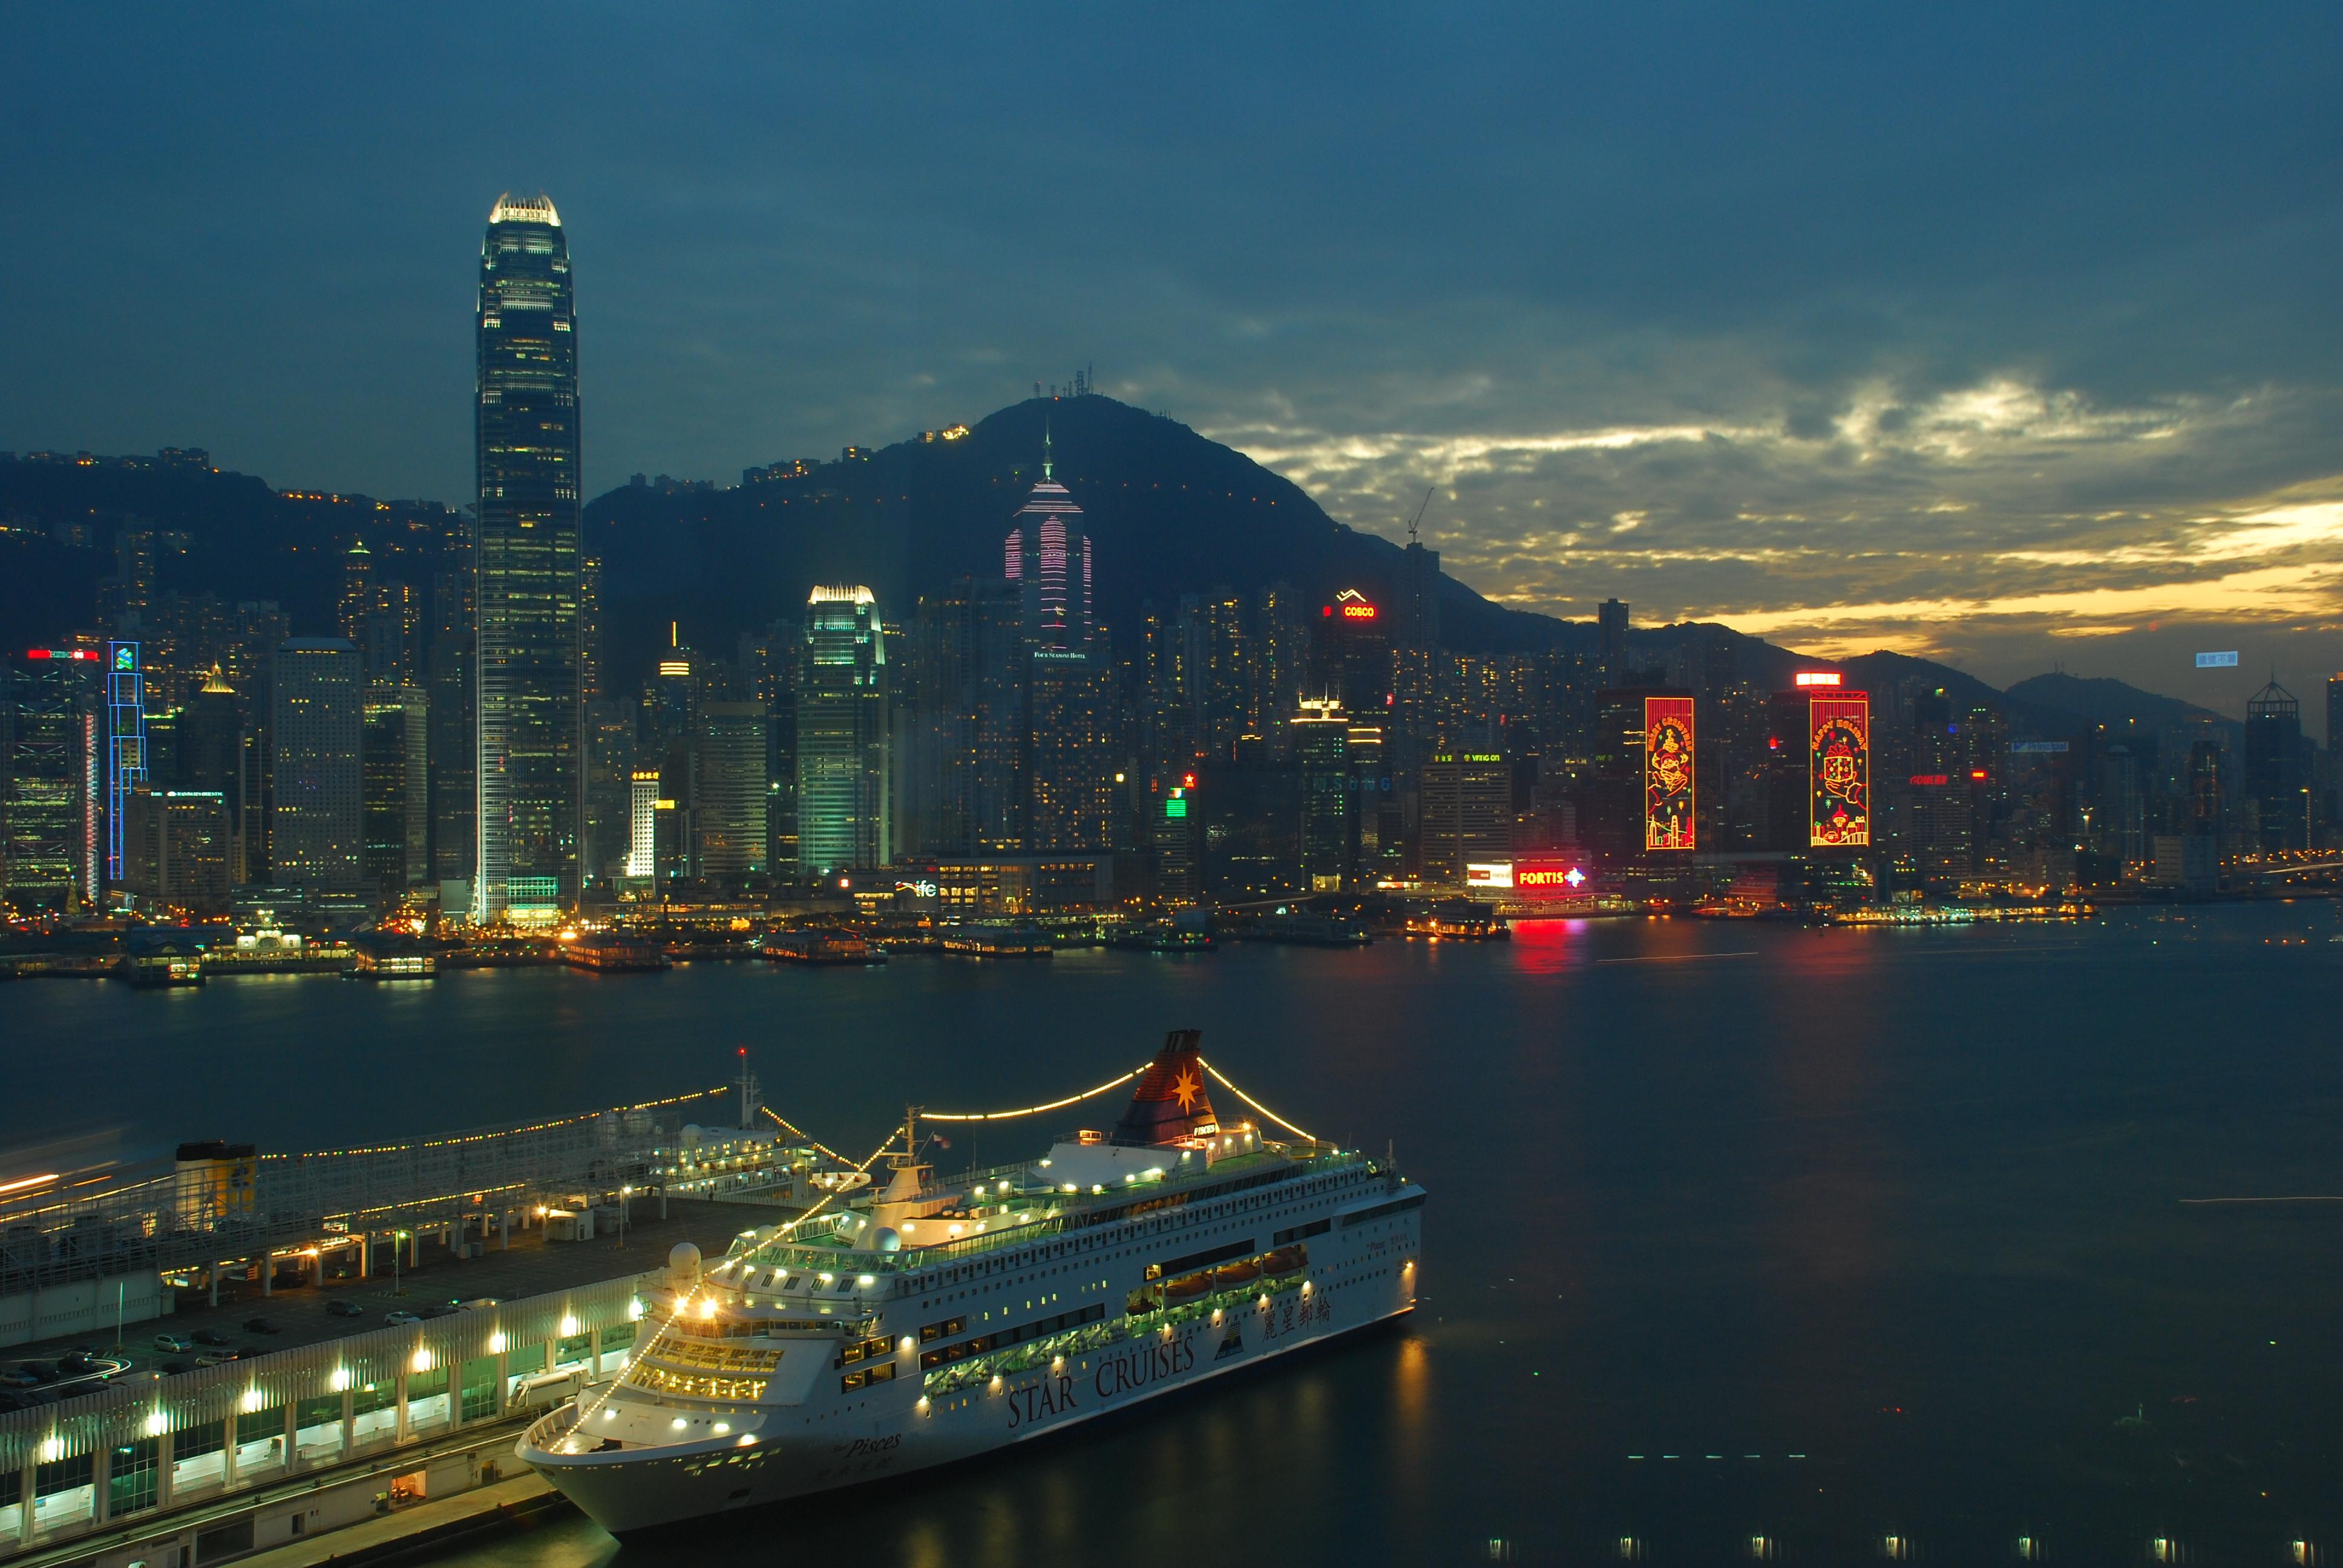 ship-star-cruises-star-pisces-hong-kong-dec-2008-02